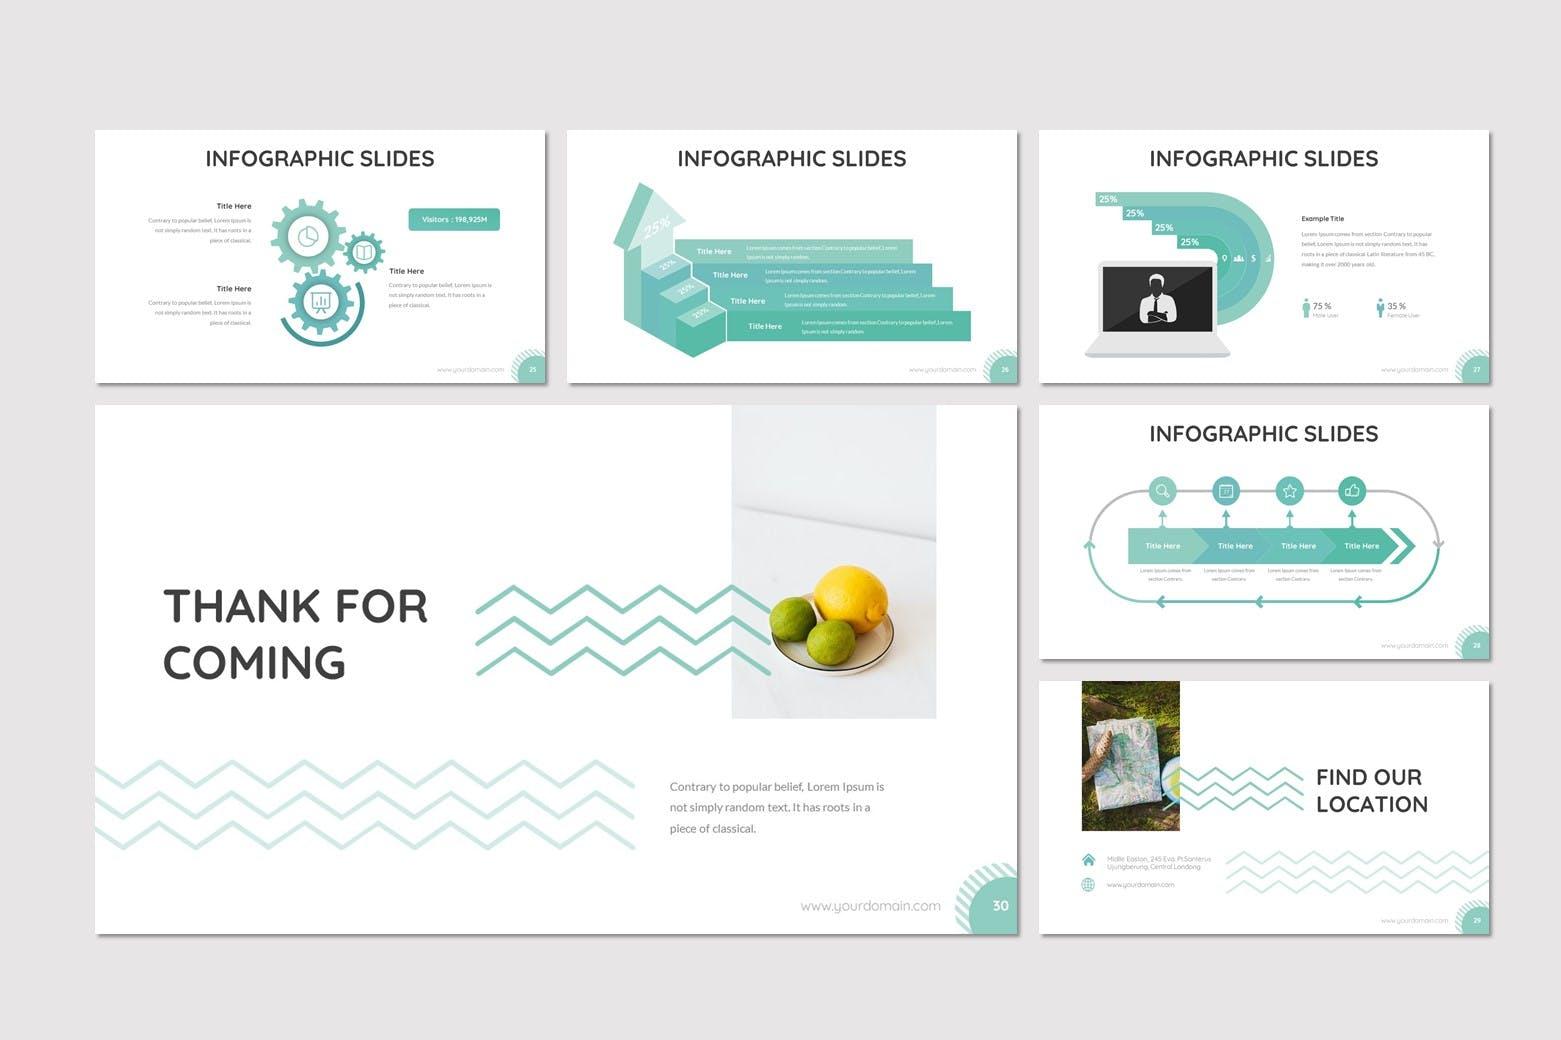 科普类教育水果主题PowerPoint课件模板 Basta – Fruit Powerpoint Template设计素材模板